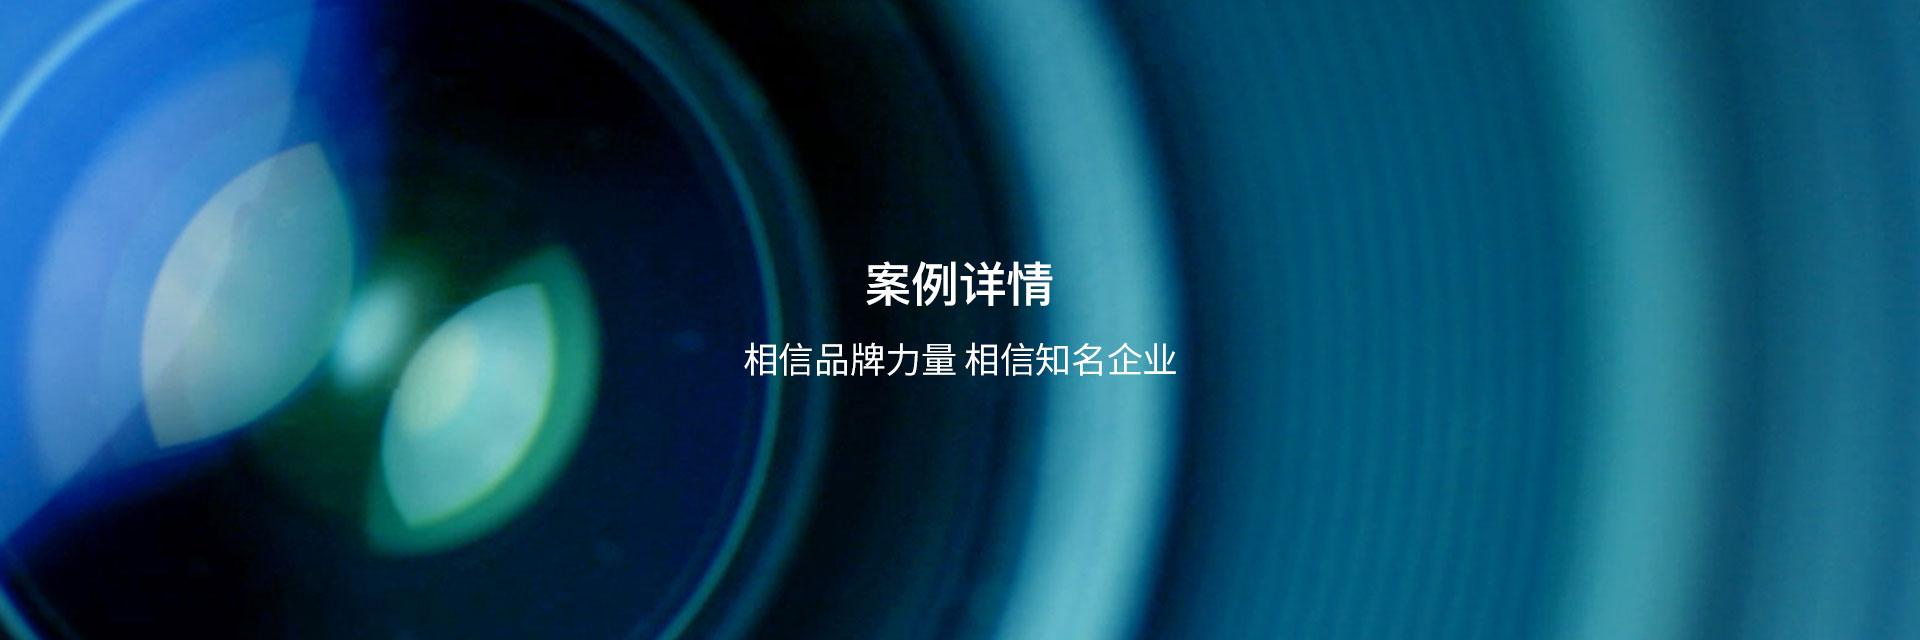 案例详情banner